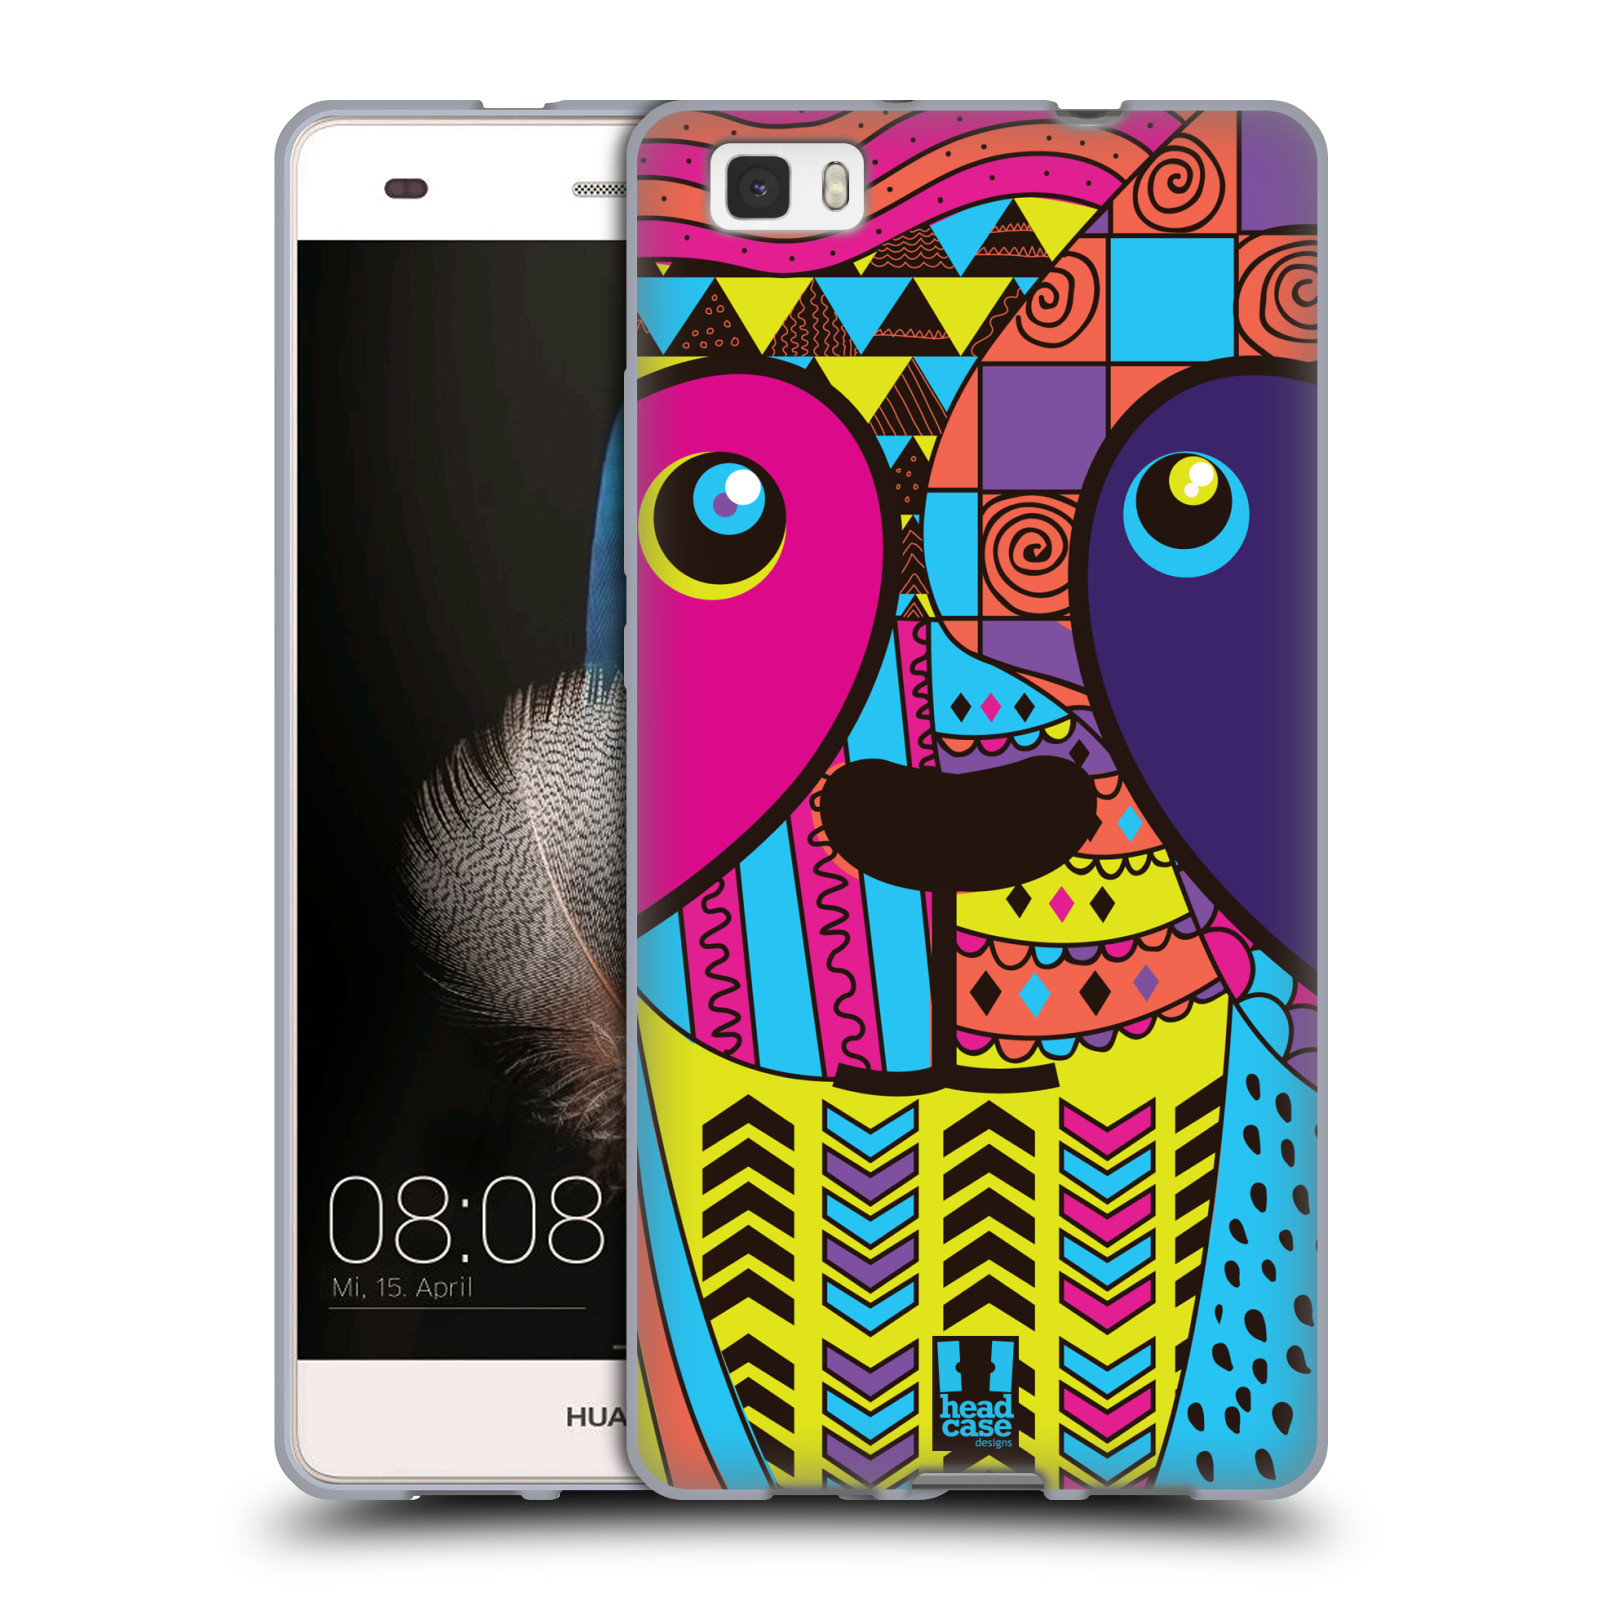 HEAD CASE silikonový obal na mobil Huawei Ascend P8 LITE Abstraktní zvířátka PANDA